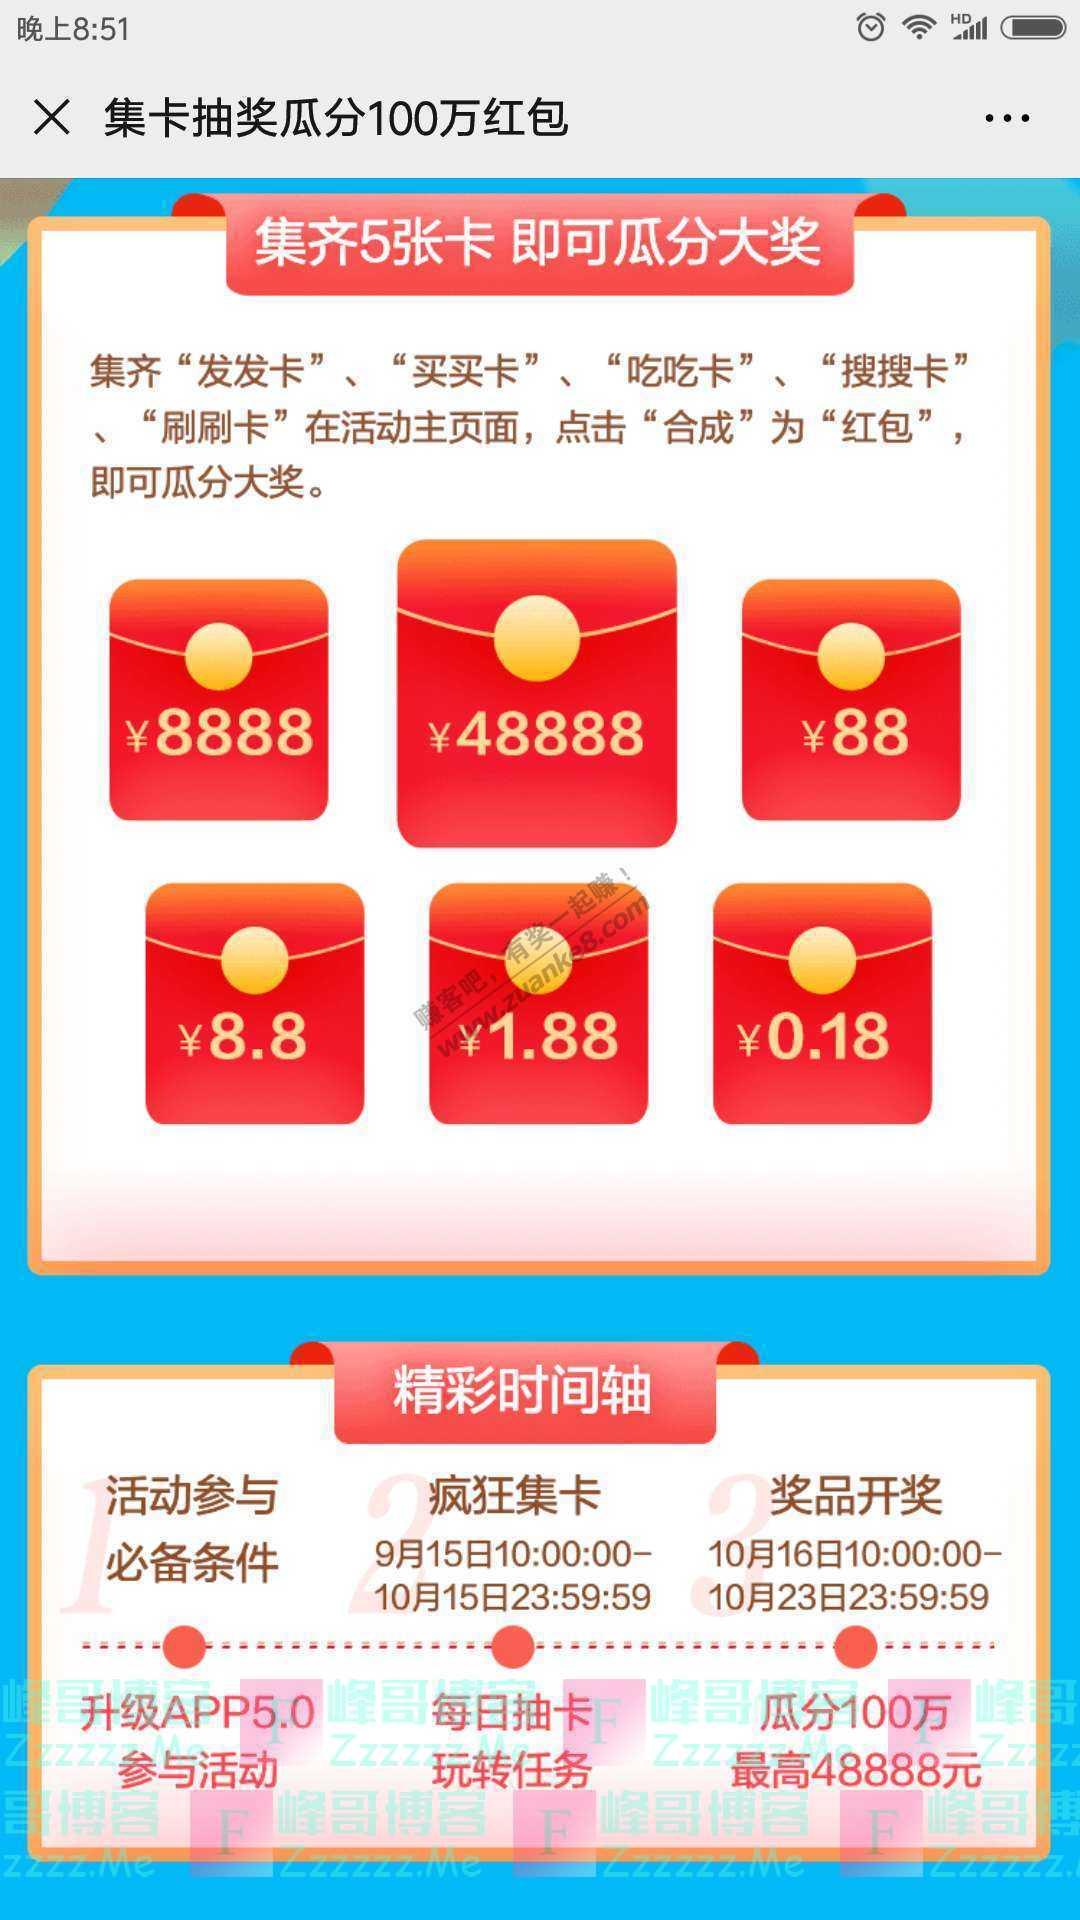 广发xing/用卡发现精彩 5.0,邀您瓜分百万红包(截止10月15日)